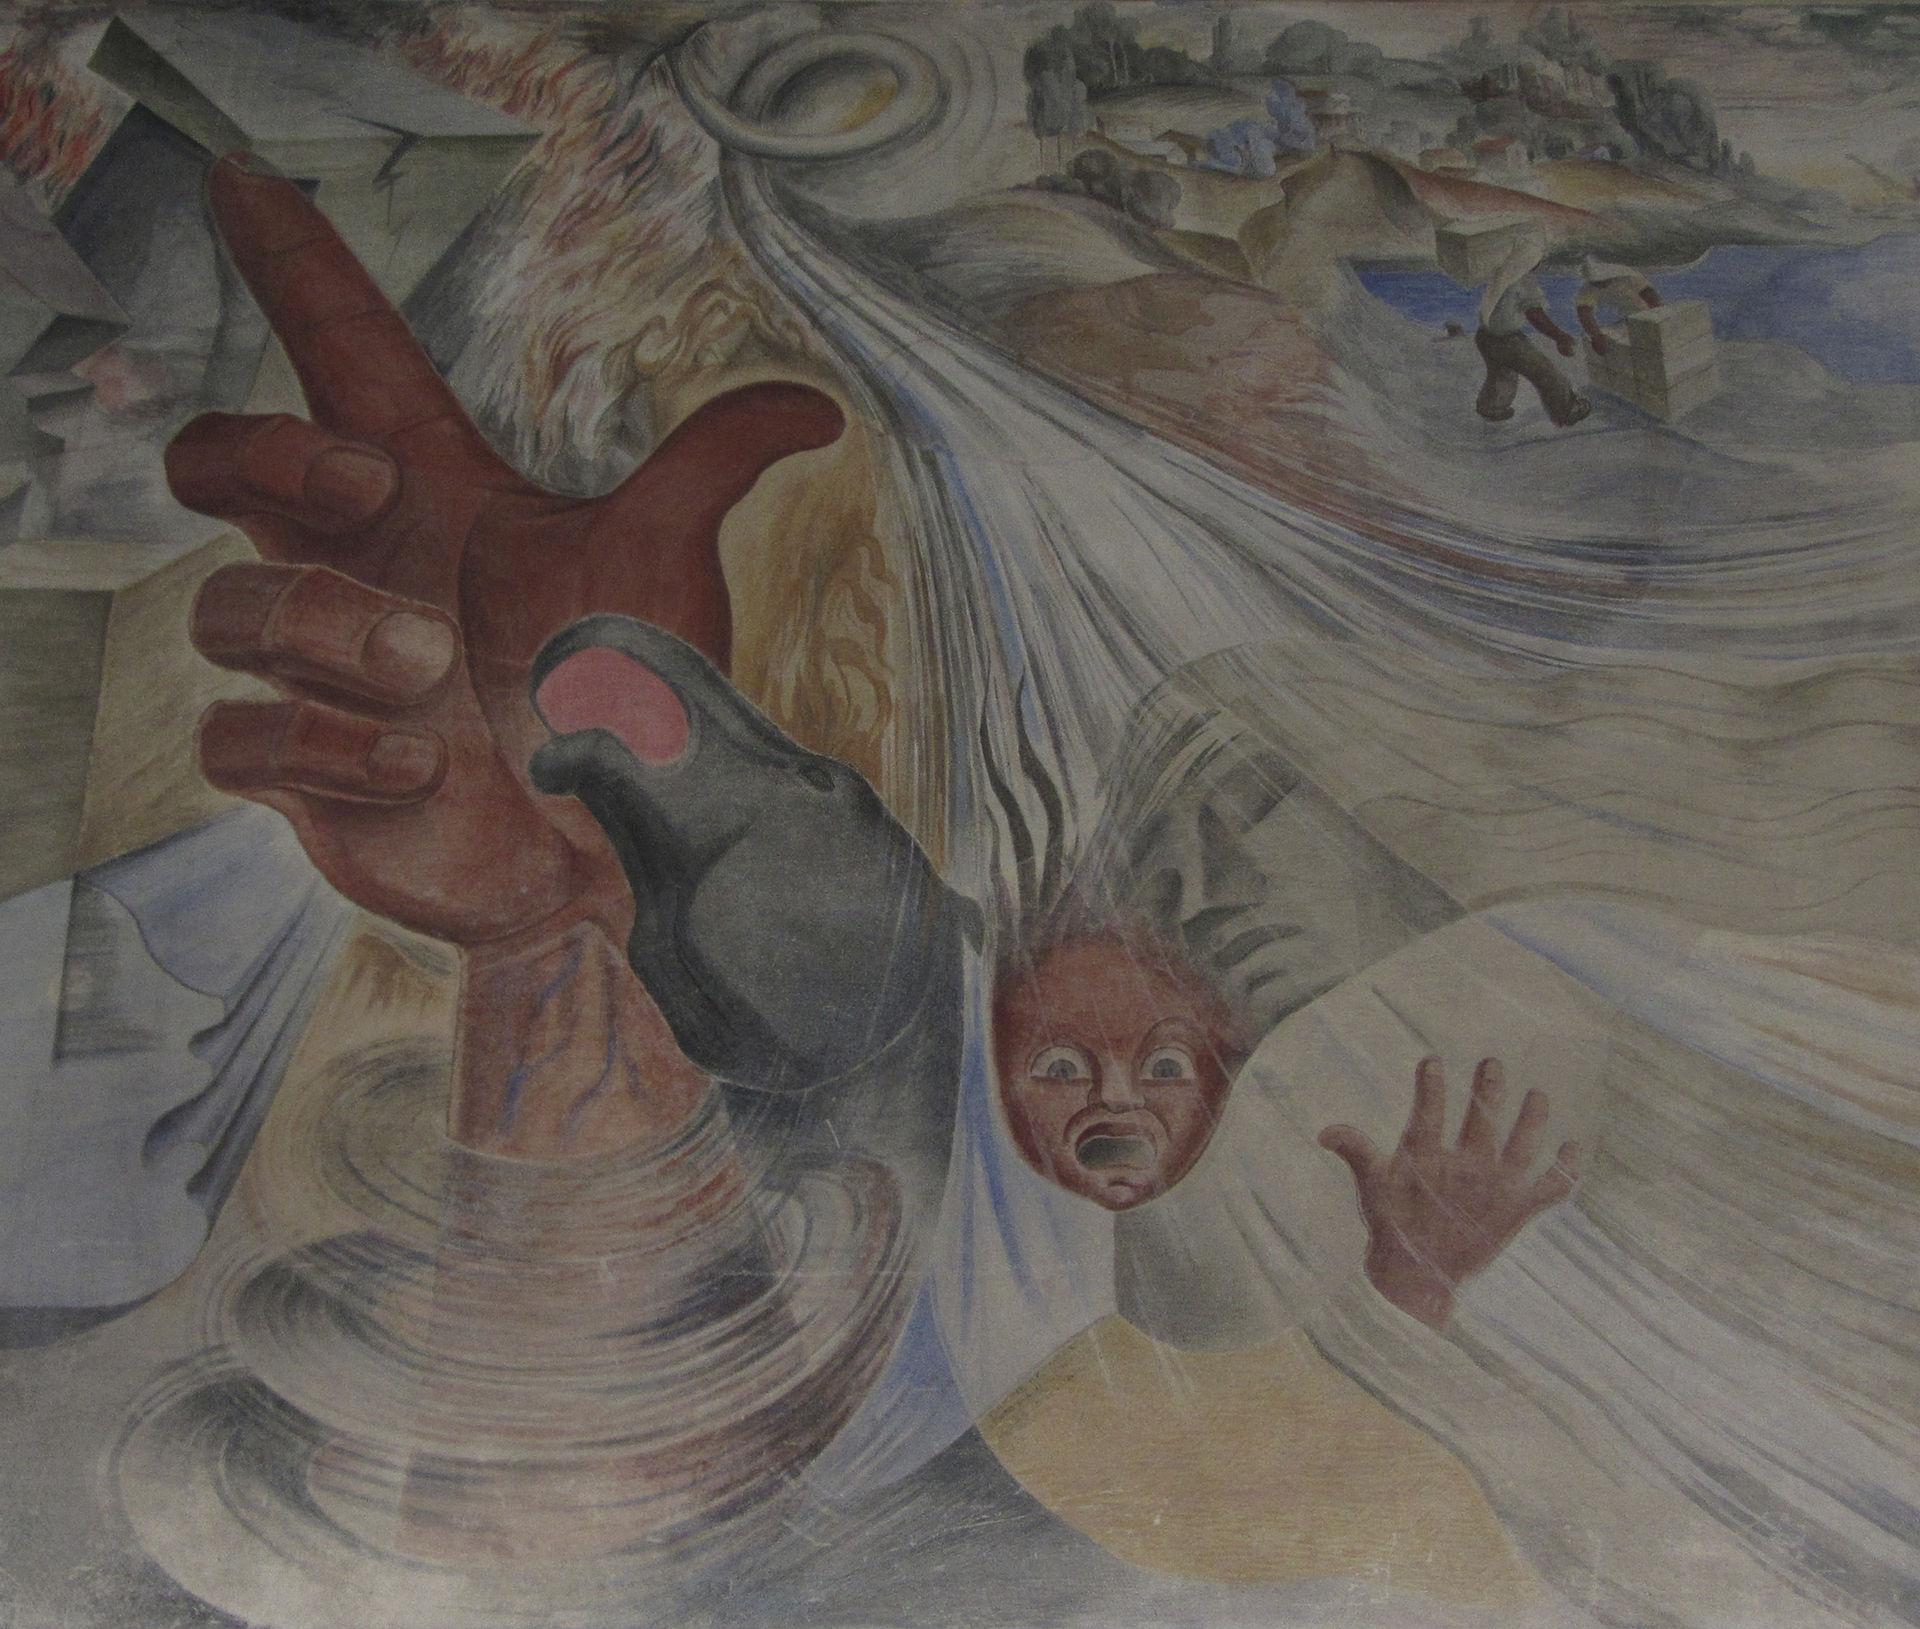 Gregorio de la fuente pintor wikipedia la - Donde estudiar pintura ...